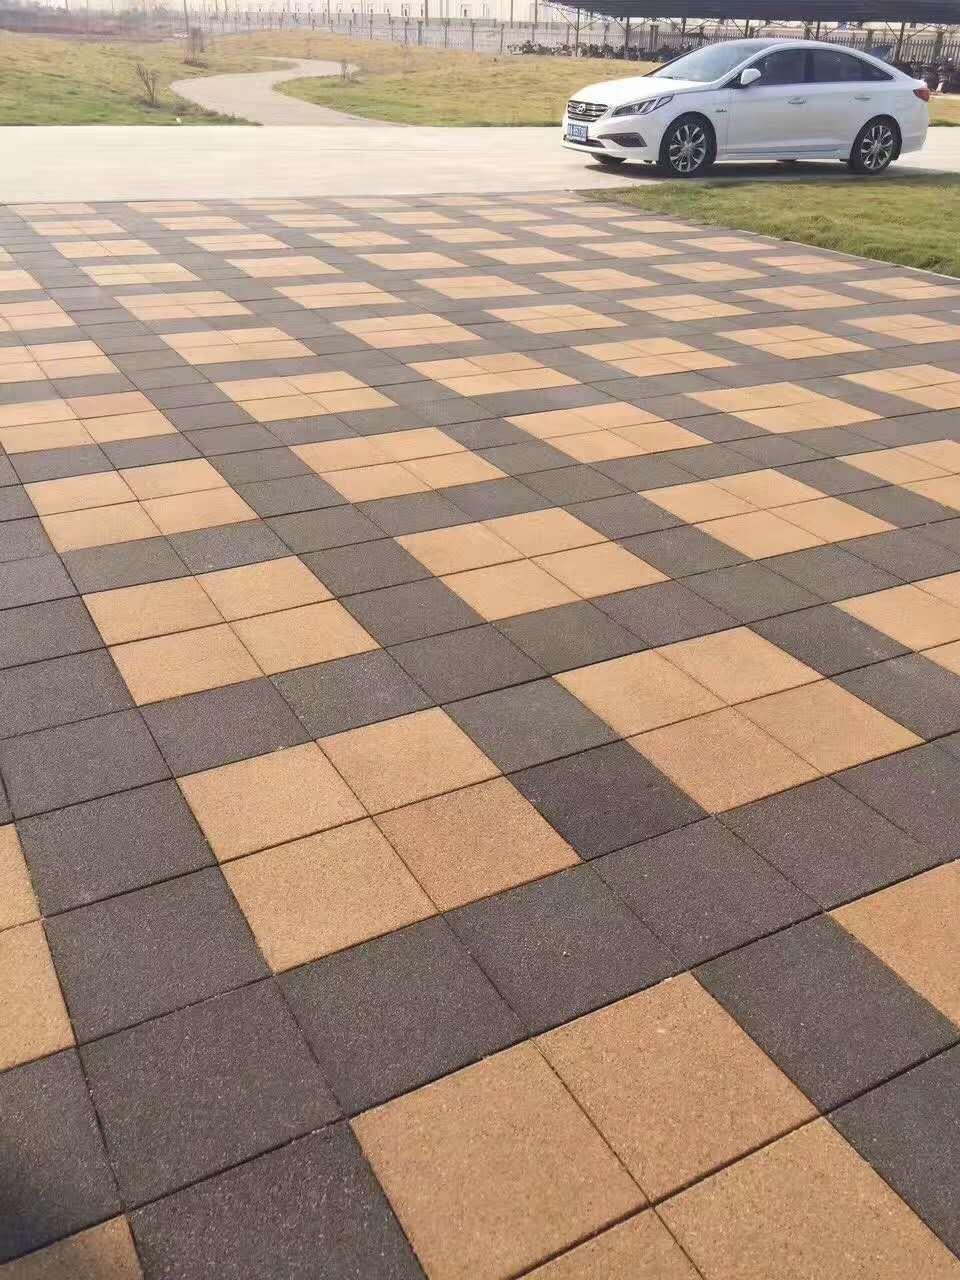 园林绿化工程专用砖,潍坊园林绿化工程专用砖,园林绿化工程专用砖哪里卖